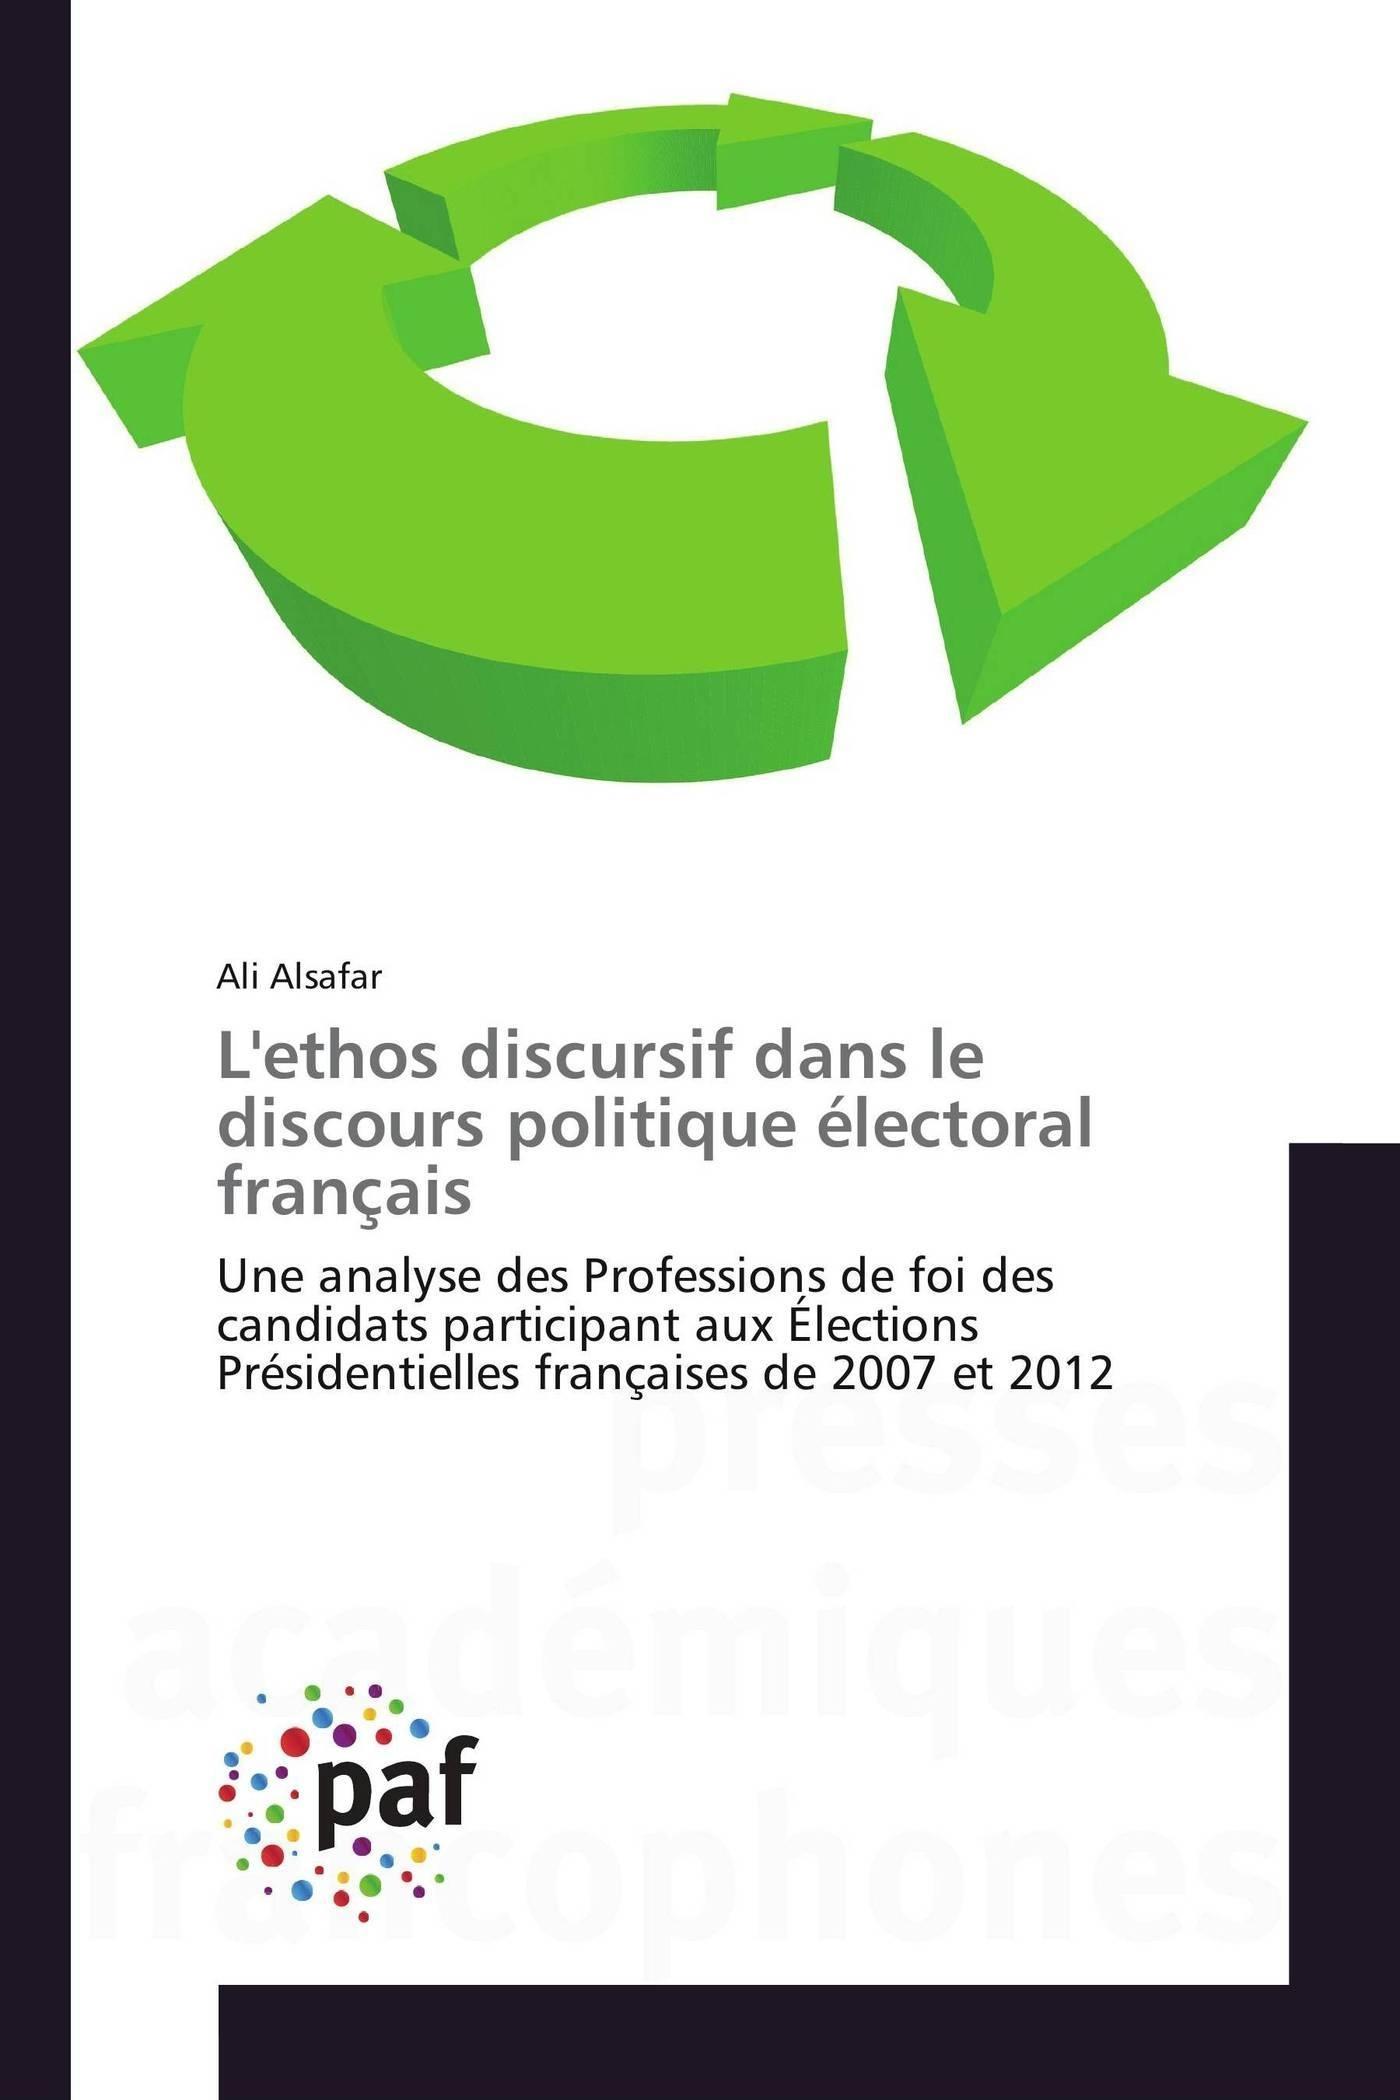 L'ETHOS DISCURSIF DANS LE DISCOURS POLITIQUE ELECTORAL FRANCAIS